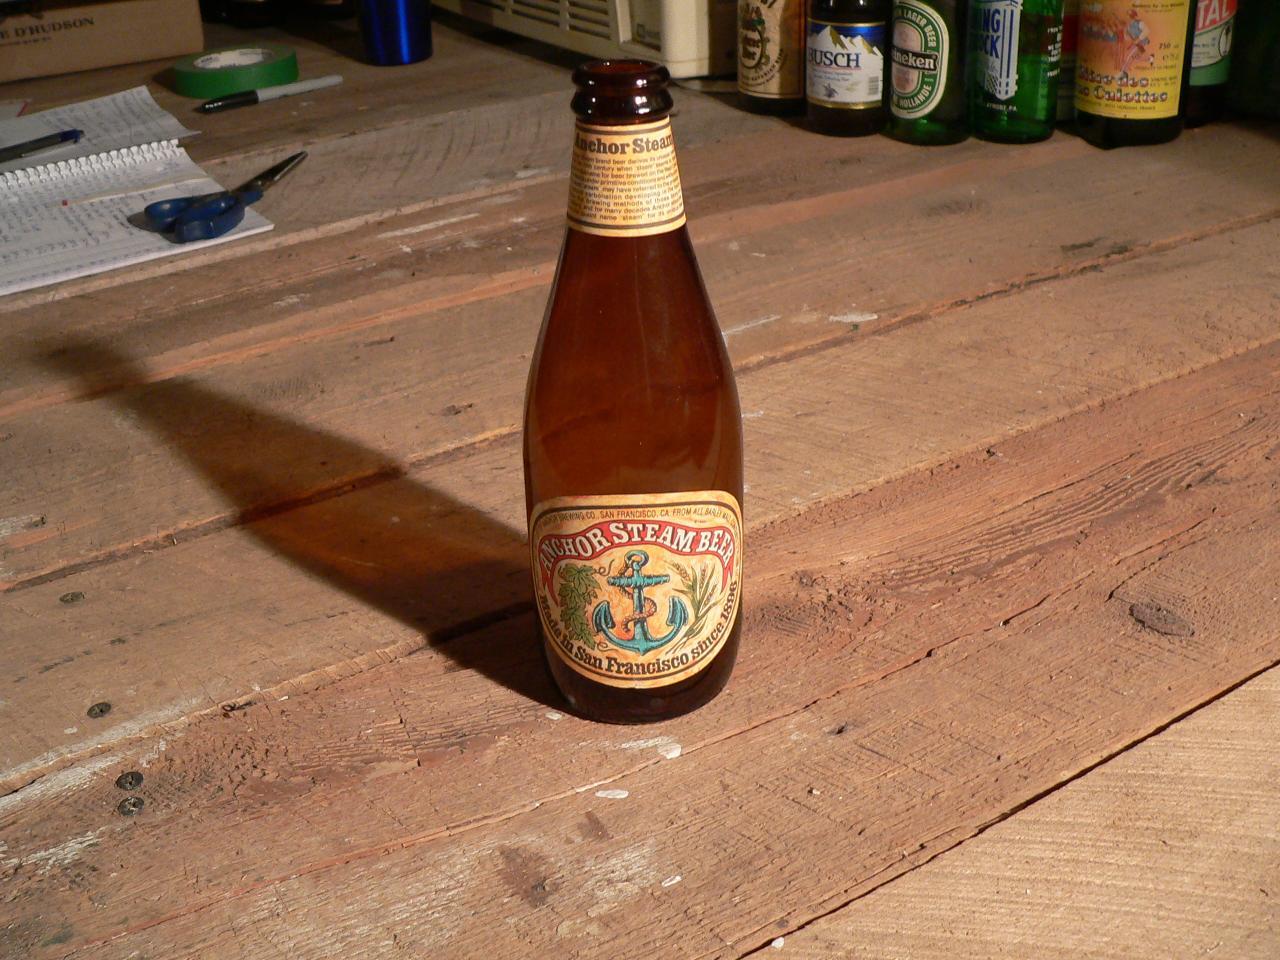 Biere anchor steam beer # 4739.37